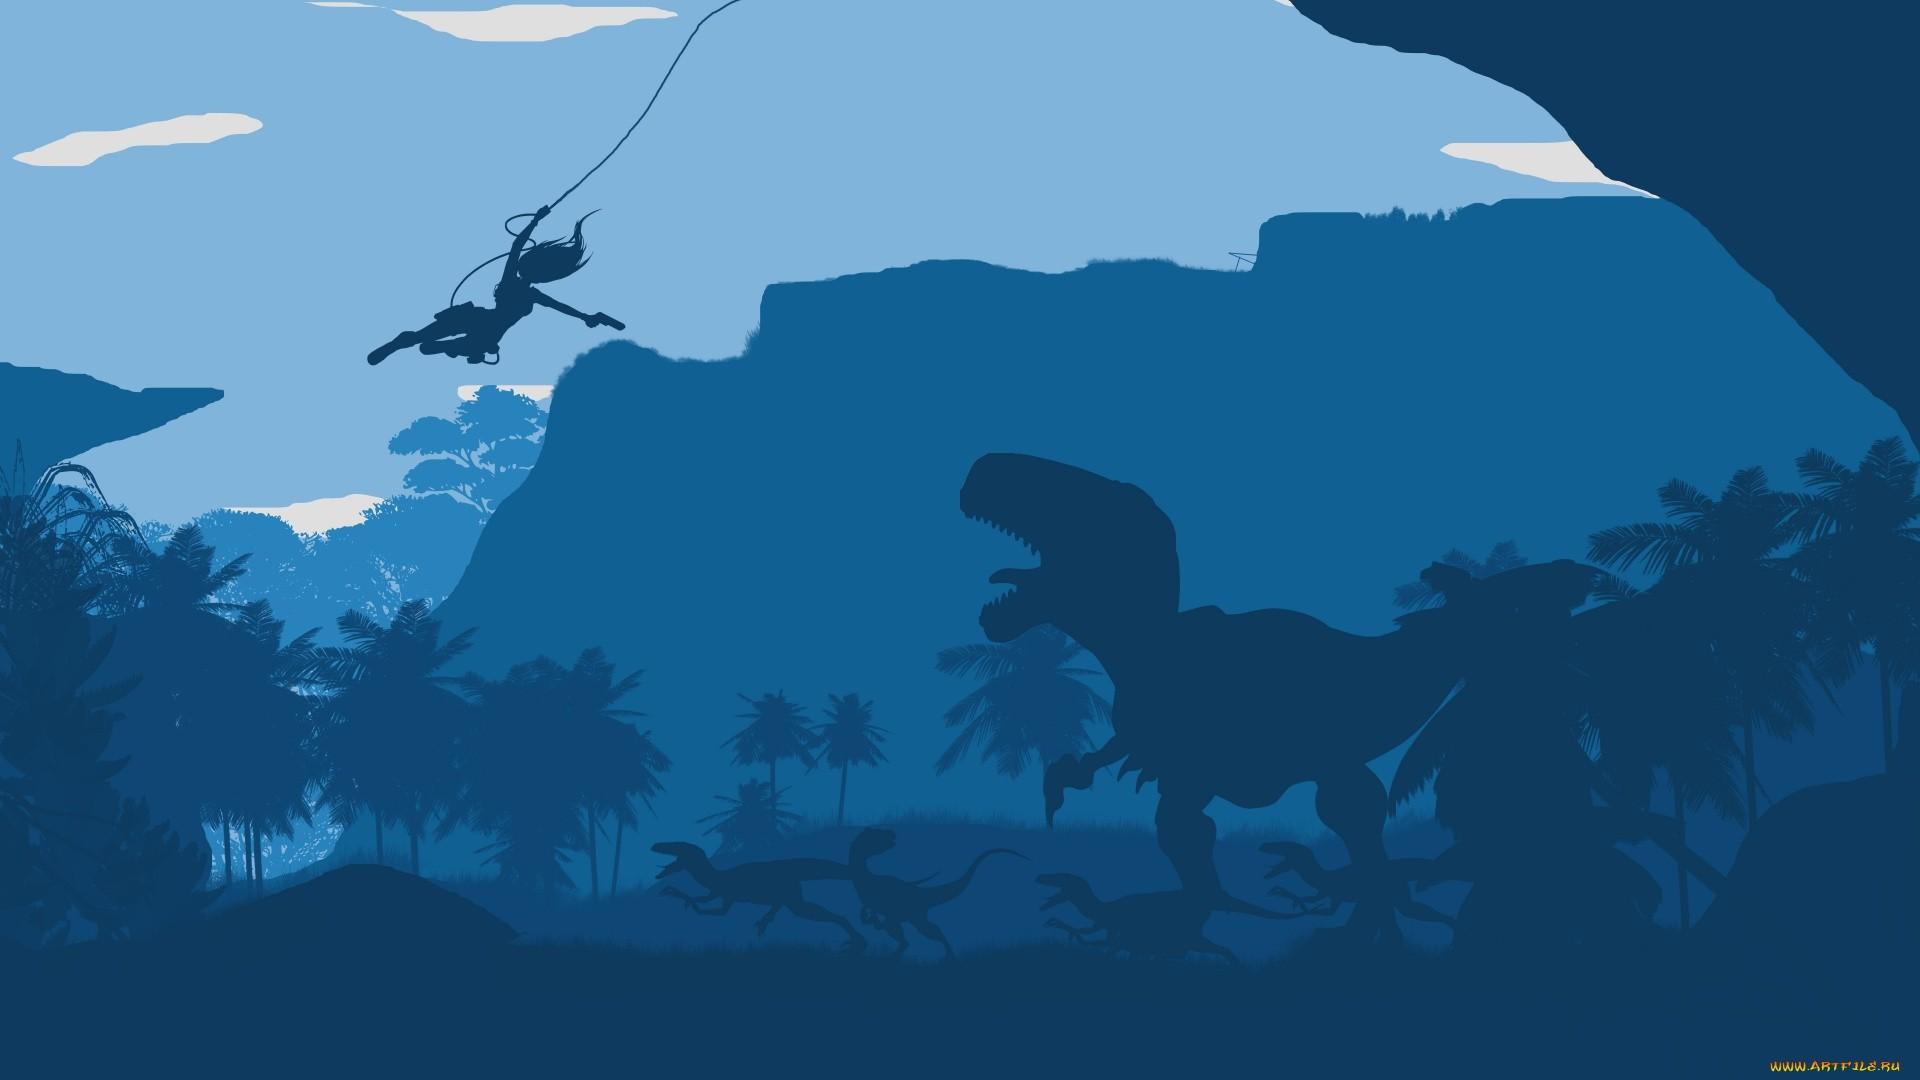 Minimalist Dinosaur Wallpaper Desktop